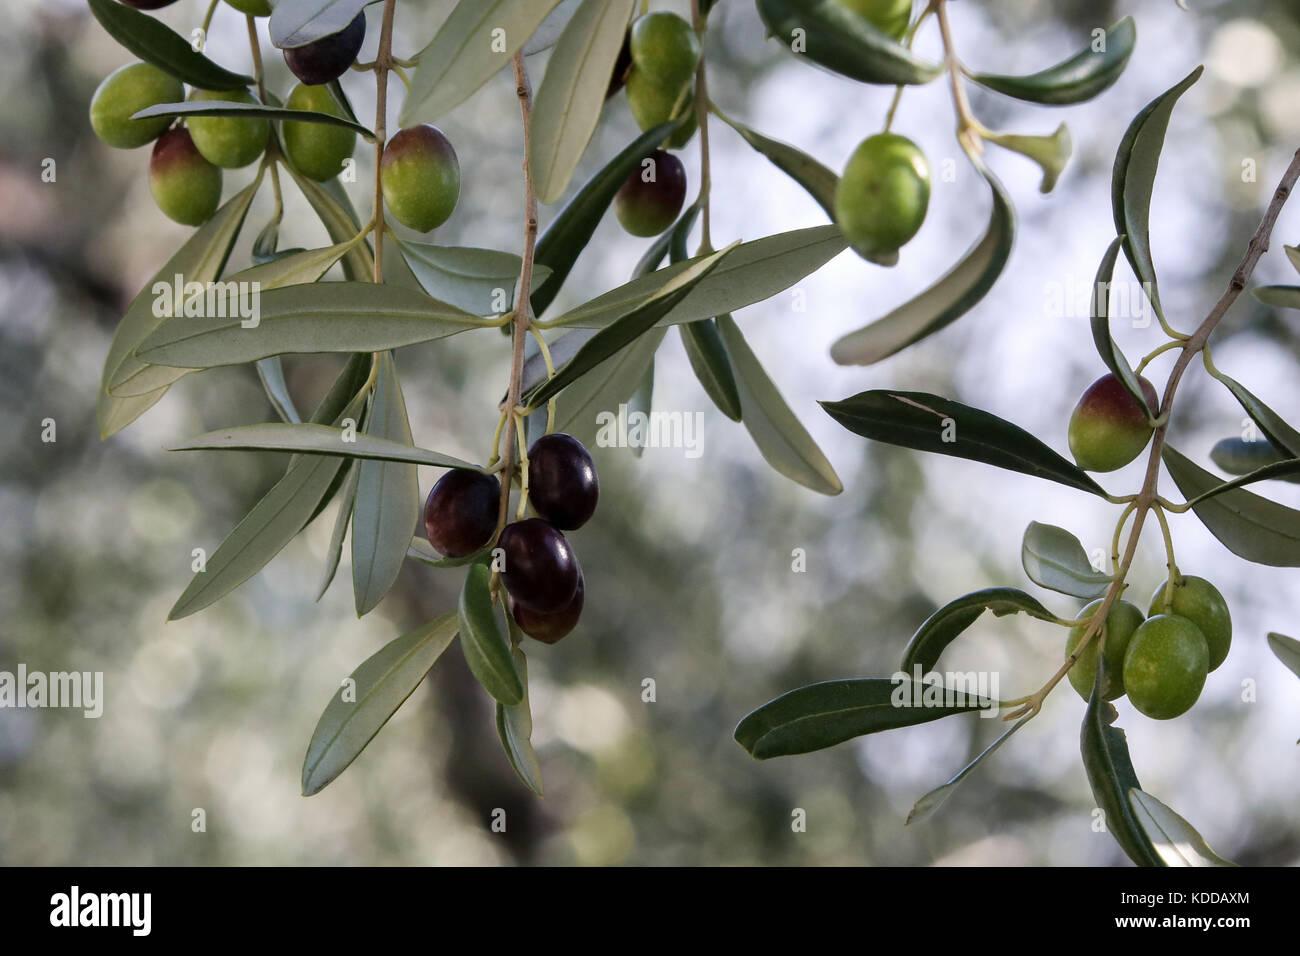 Oliven am Baum in einer Plantage bei Limone sul Garda/der Gardasee (Lago di Garda) mit Fischlocker bilderbuchlandschaft Stockbild